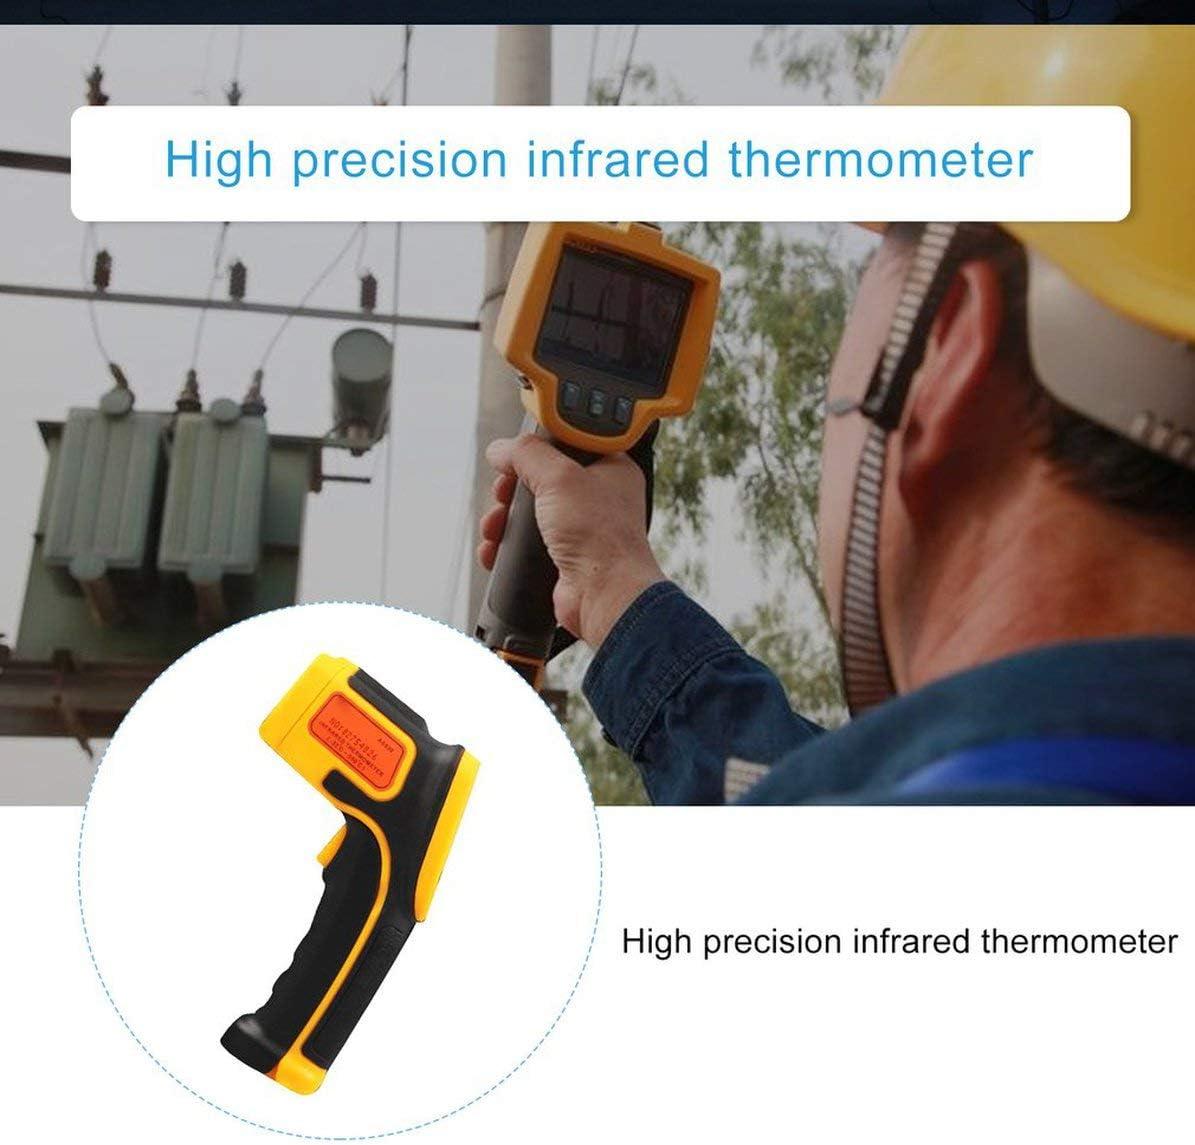 LONGSPEED Thermom/ètre infrarouge Faible consommation d/énergie LCD R/étro-/éclairage Affichage Fonction de maintien des donn/ées Affichage des caract/ères laser 1 jeu